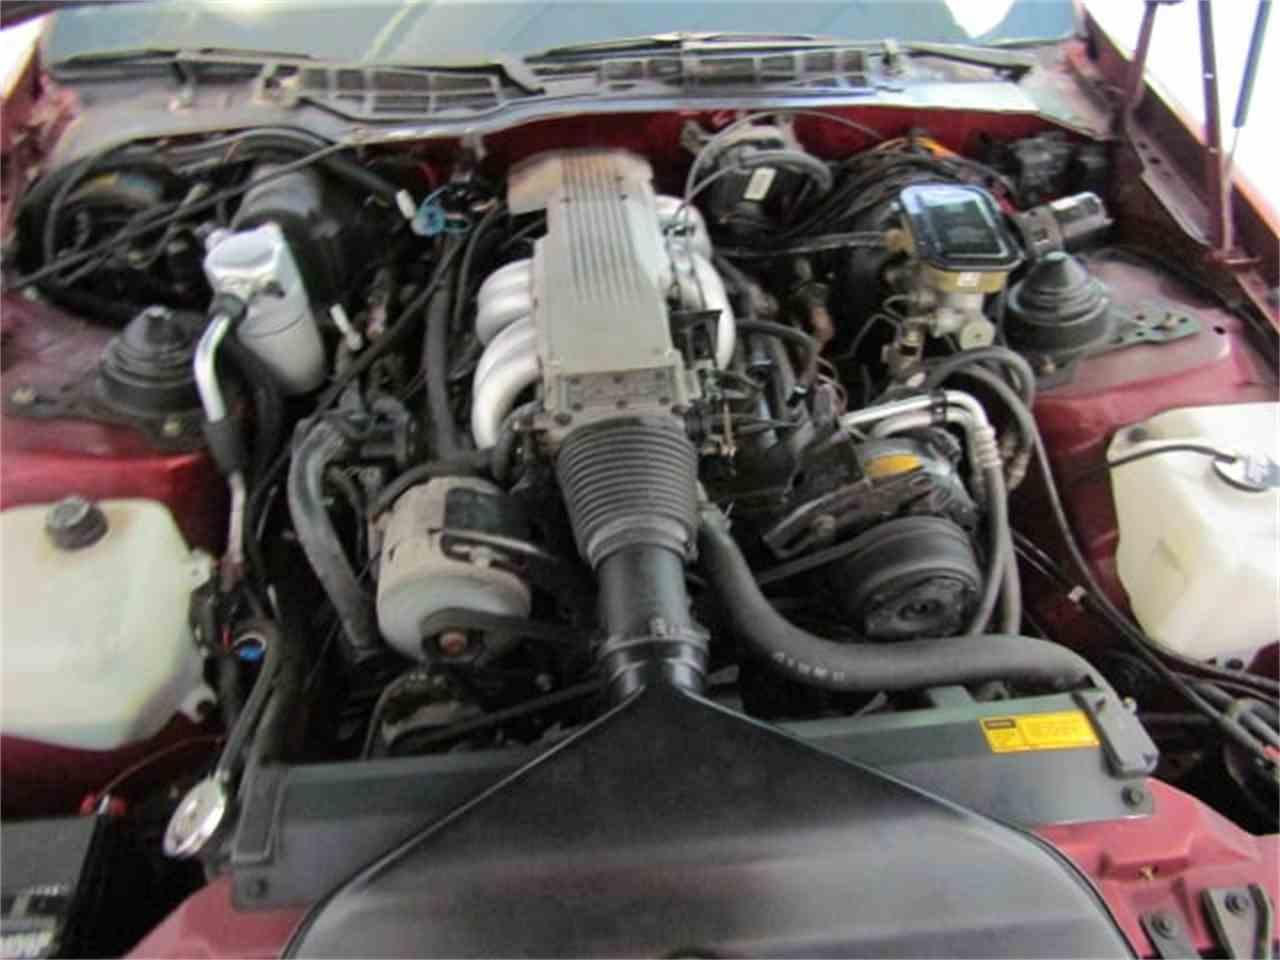 Large Picture of 1986 Chevrolet Camaro located in Virginia - $24,900.00 - JLAE